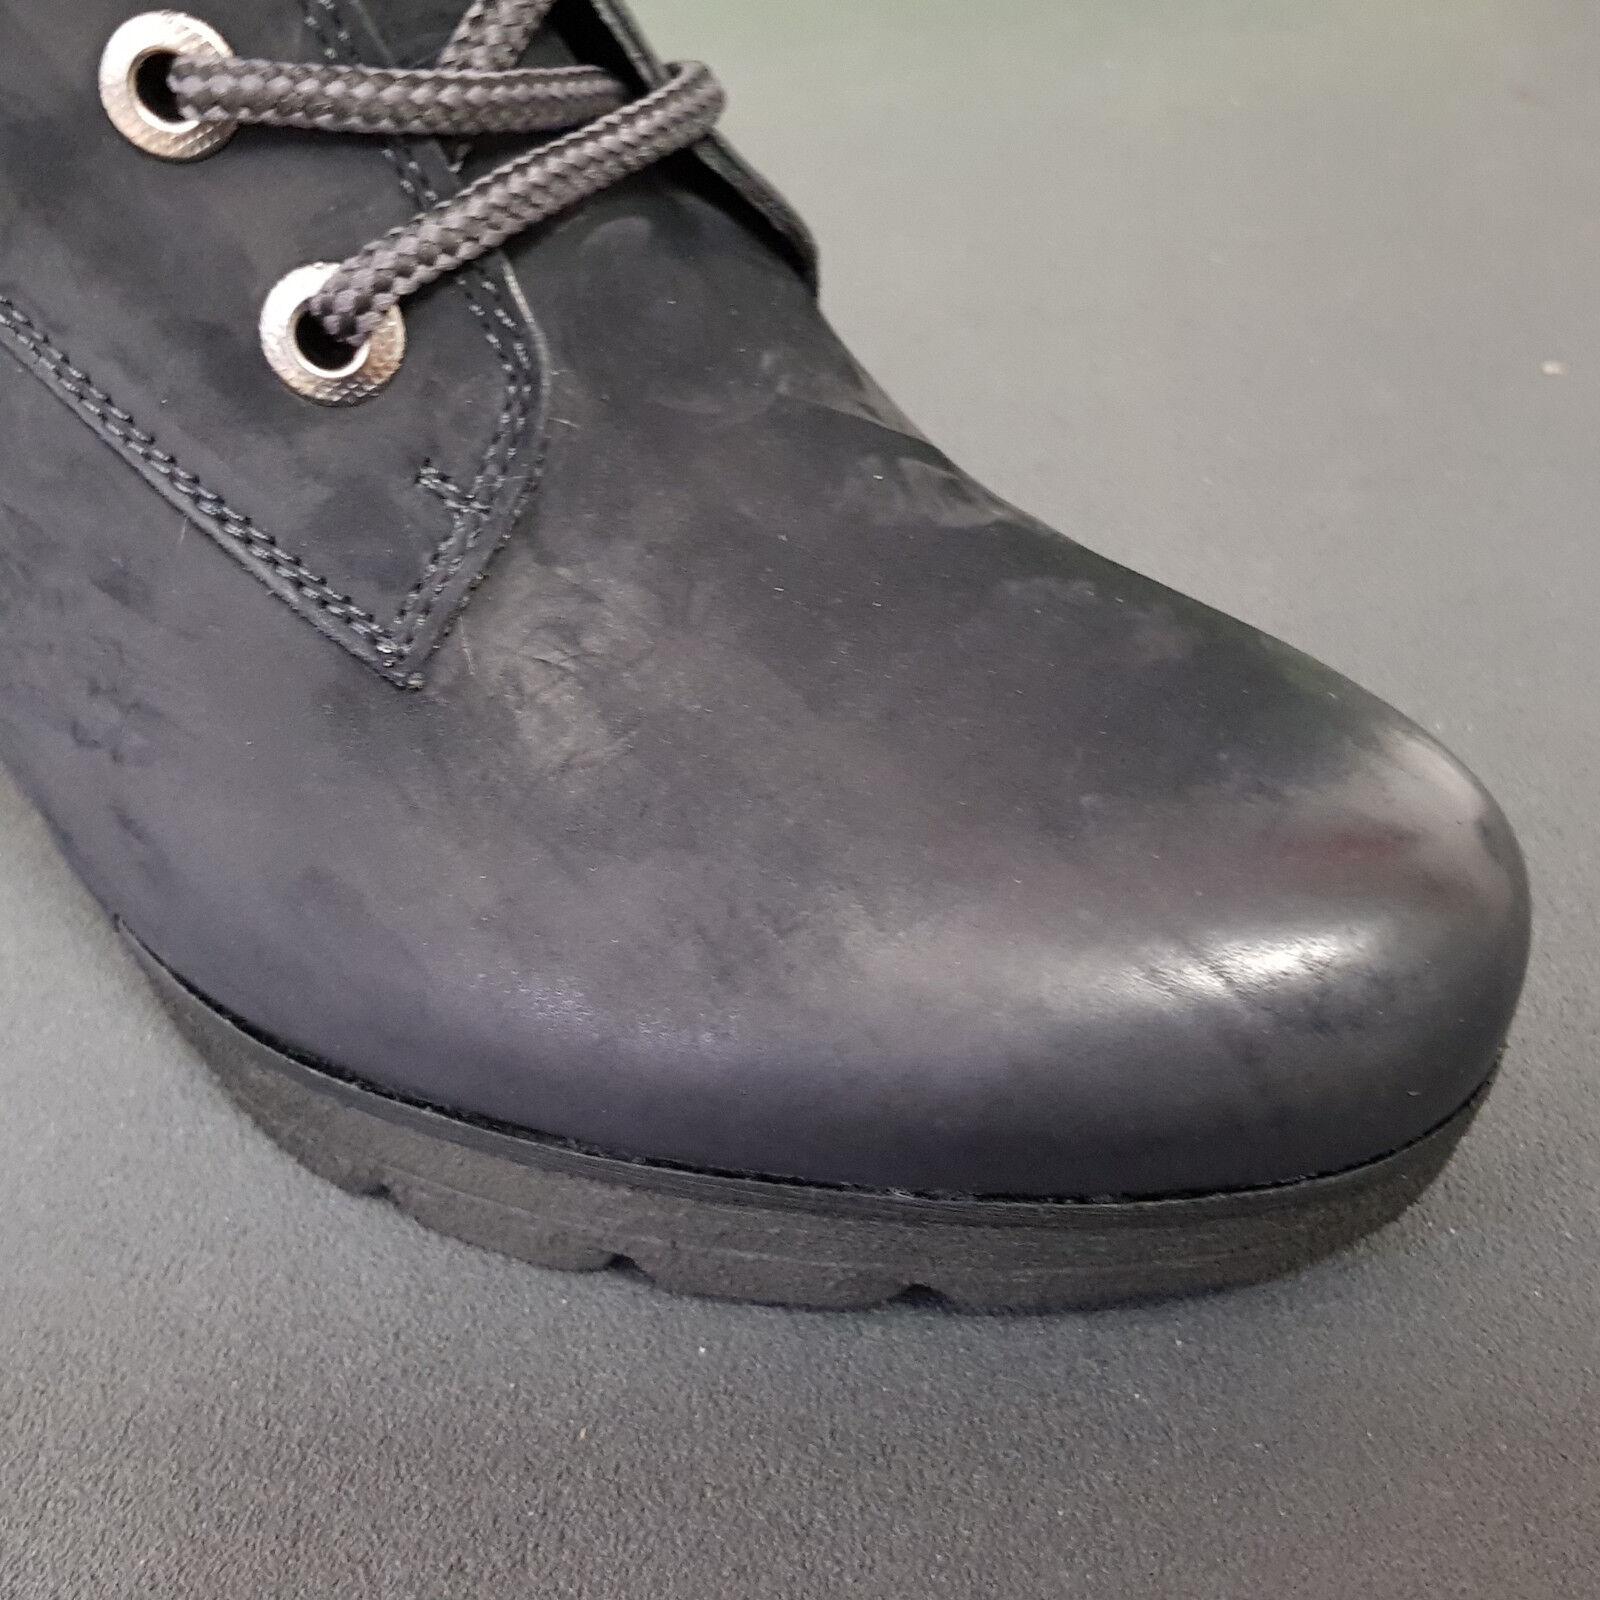 Nuevo Paul Verde con cordones botas tacón botín 9429 003 tacón botas alto Ocean 80 mm 36afba